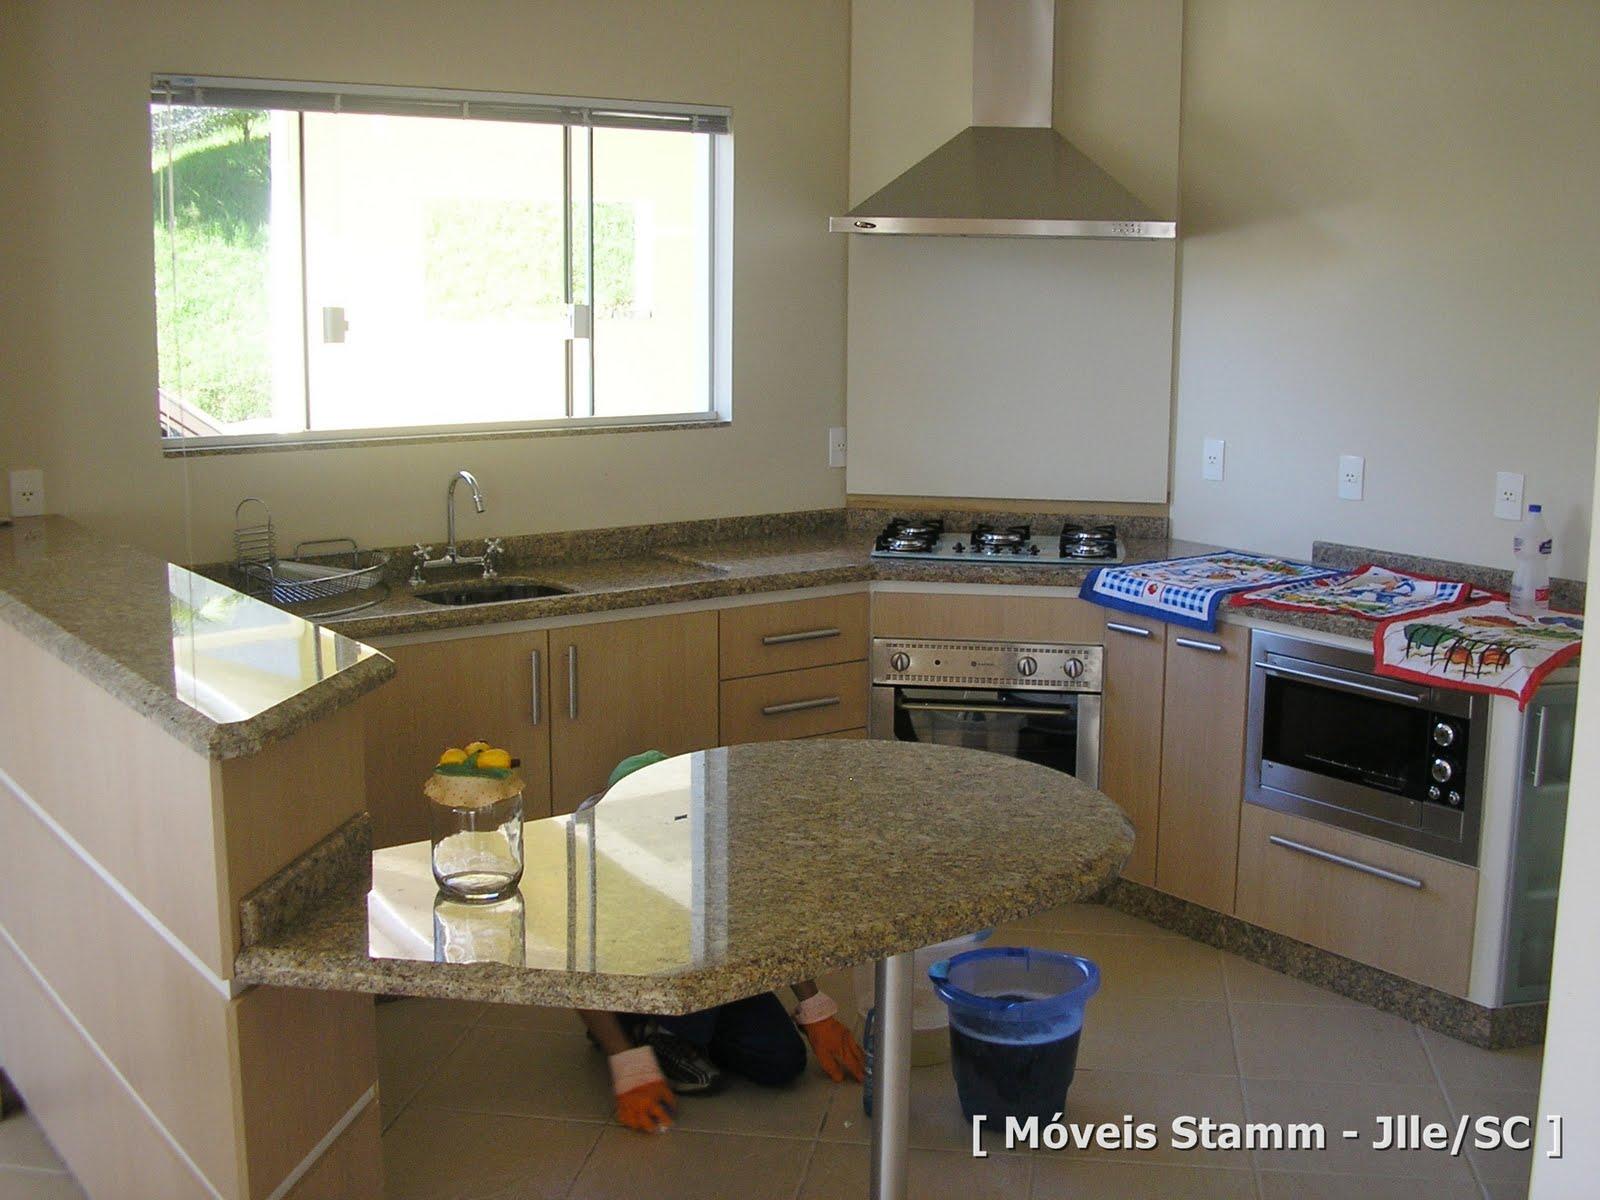 Móveis Stamm: Cozinha e Churrasqueira Romeu #604B30 1600 1200